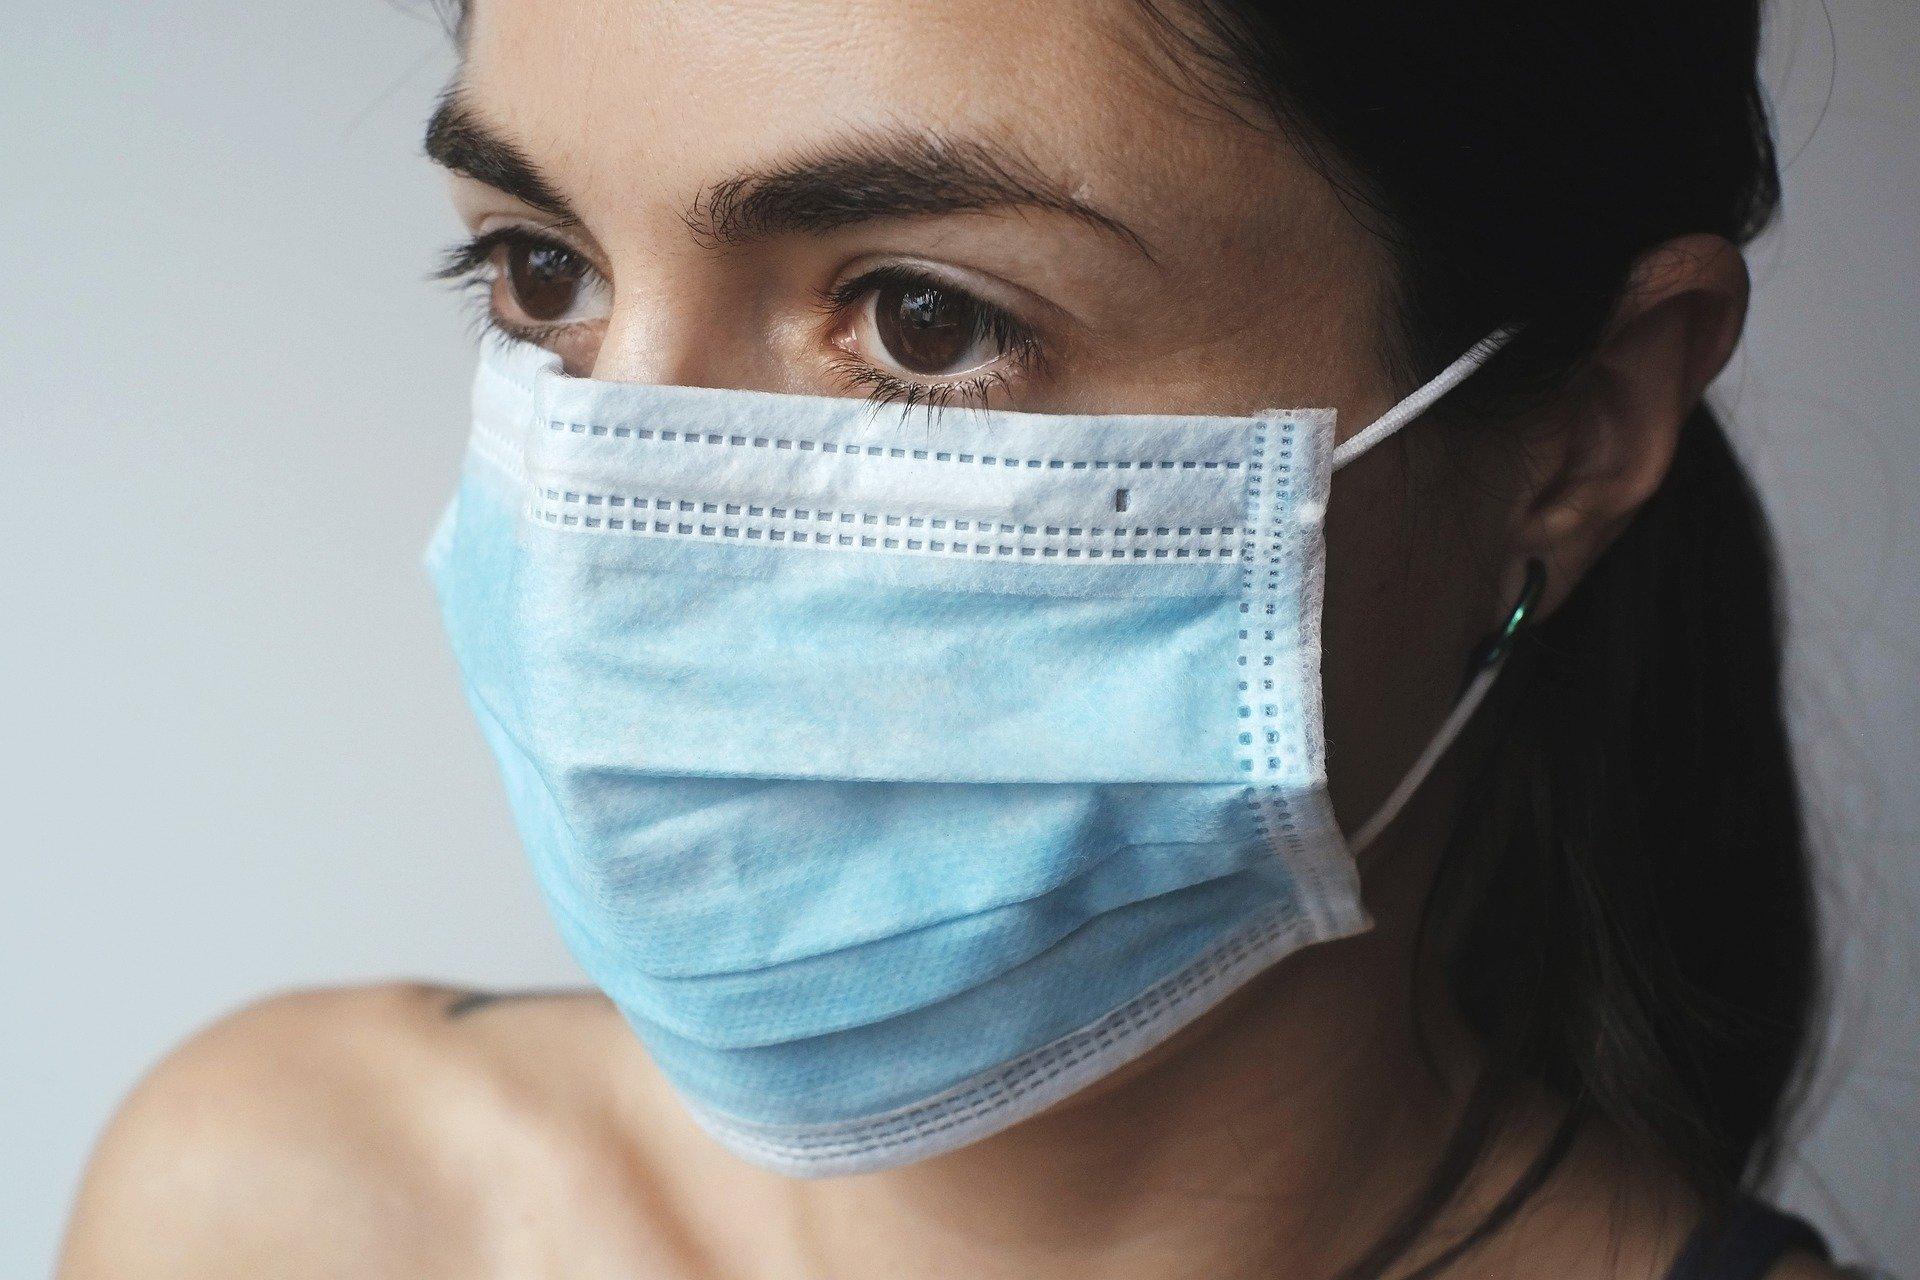 Medicina nuclear en el diagnóstico de embolia pulmonar asintomática por covid-19 - Prensa Libre